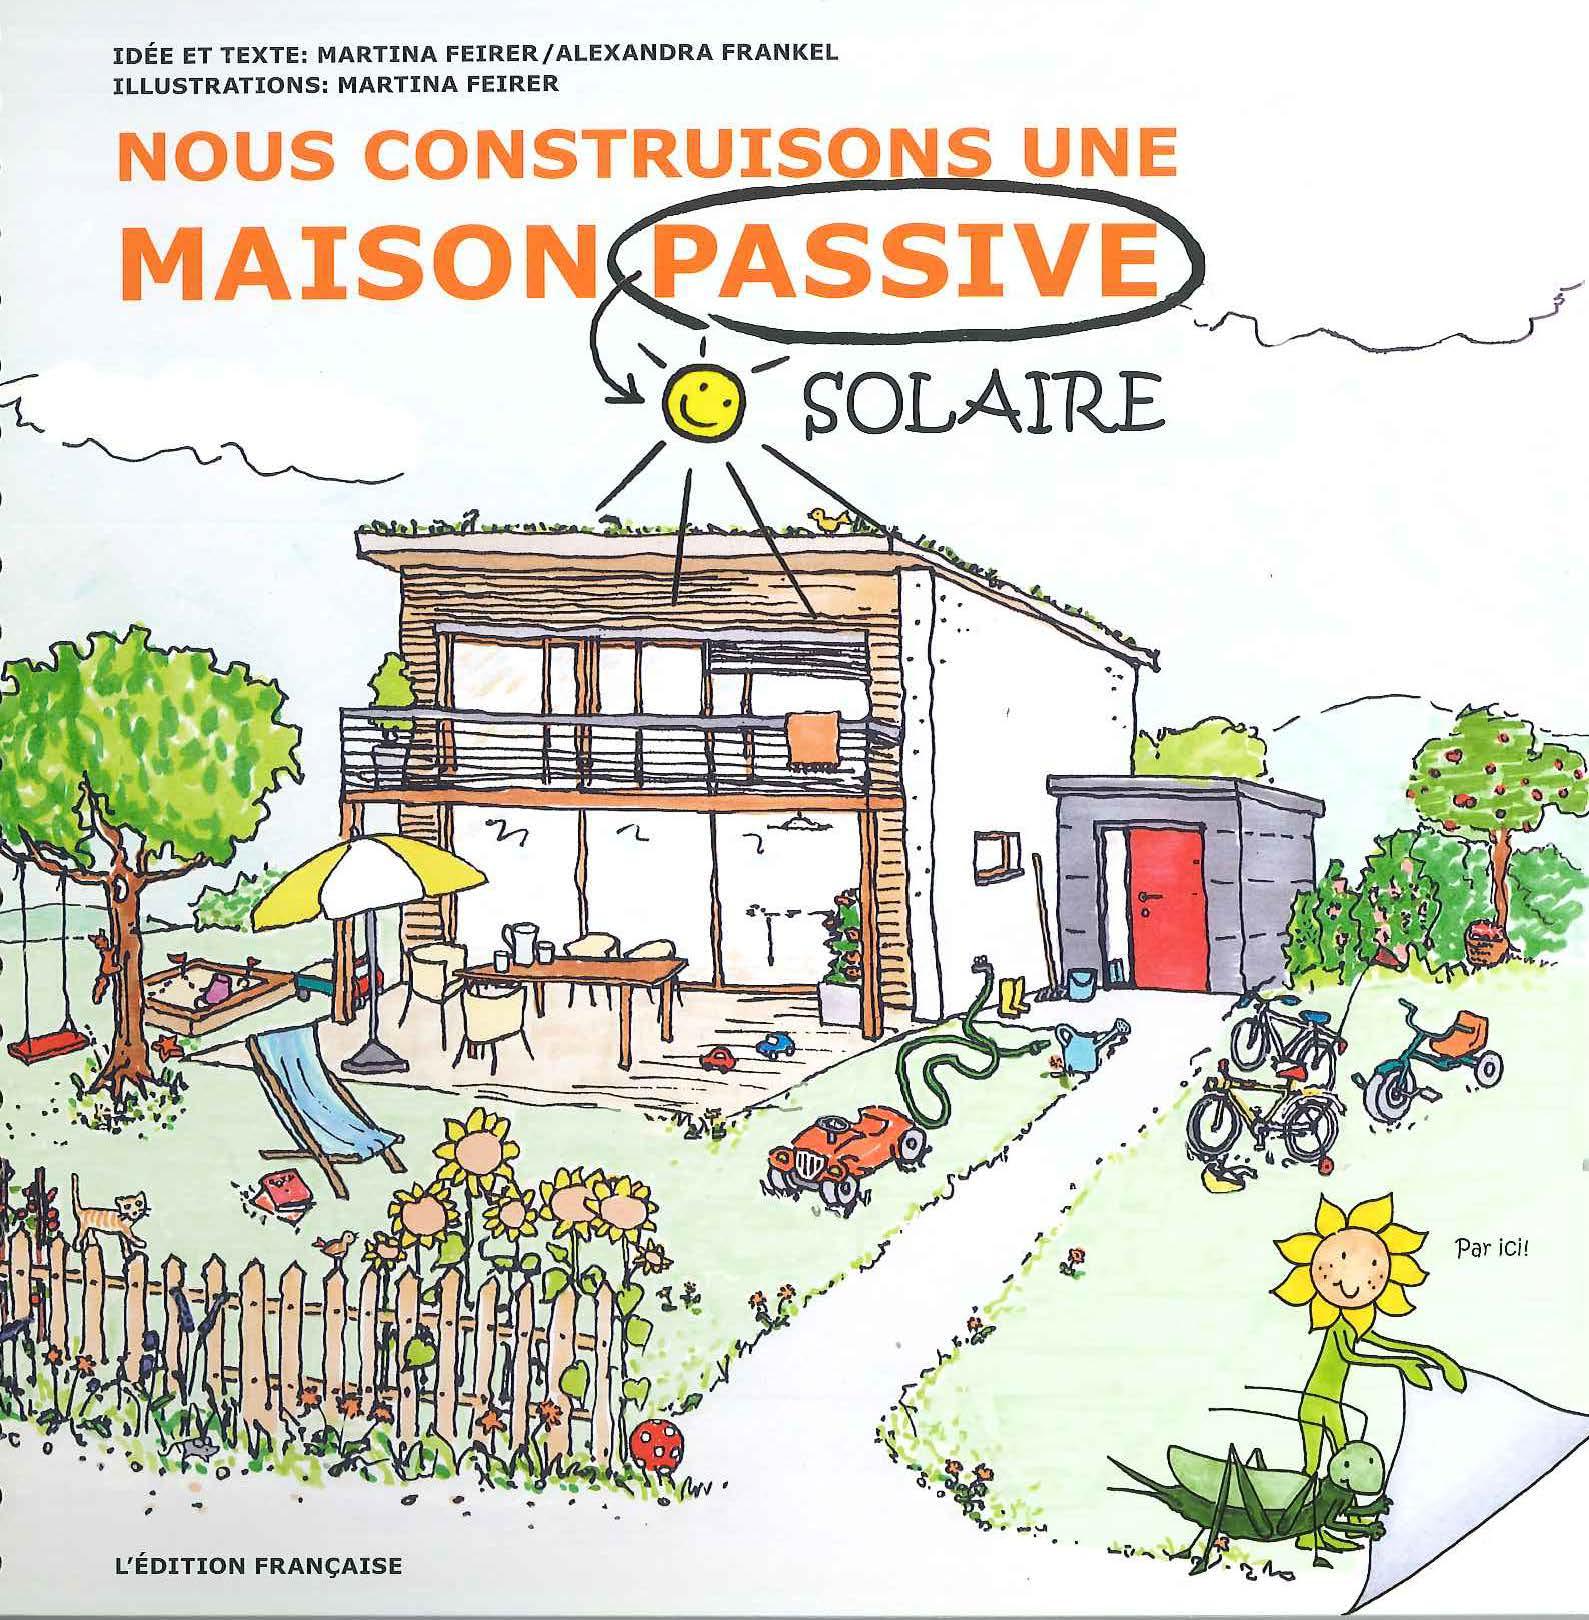 Nous construisons une maison passive solaire